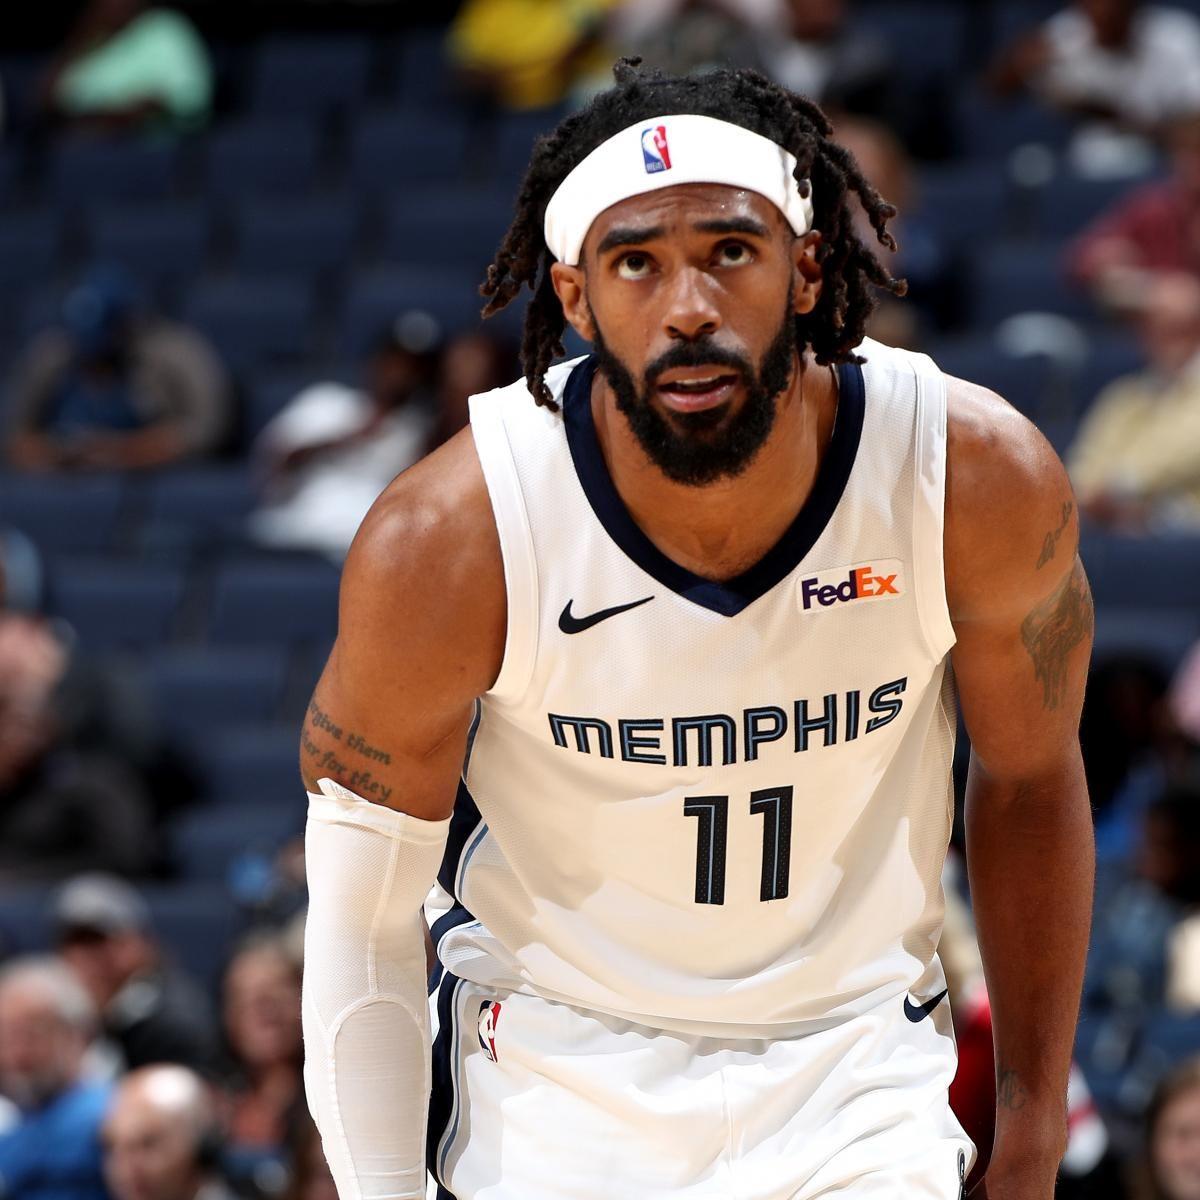 The Blockbuster NBA Trades We Want to See This Season | Nba trades, Nba, Nba news